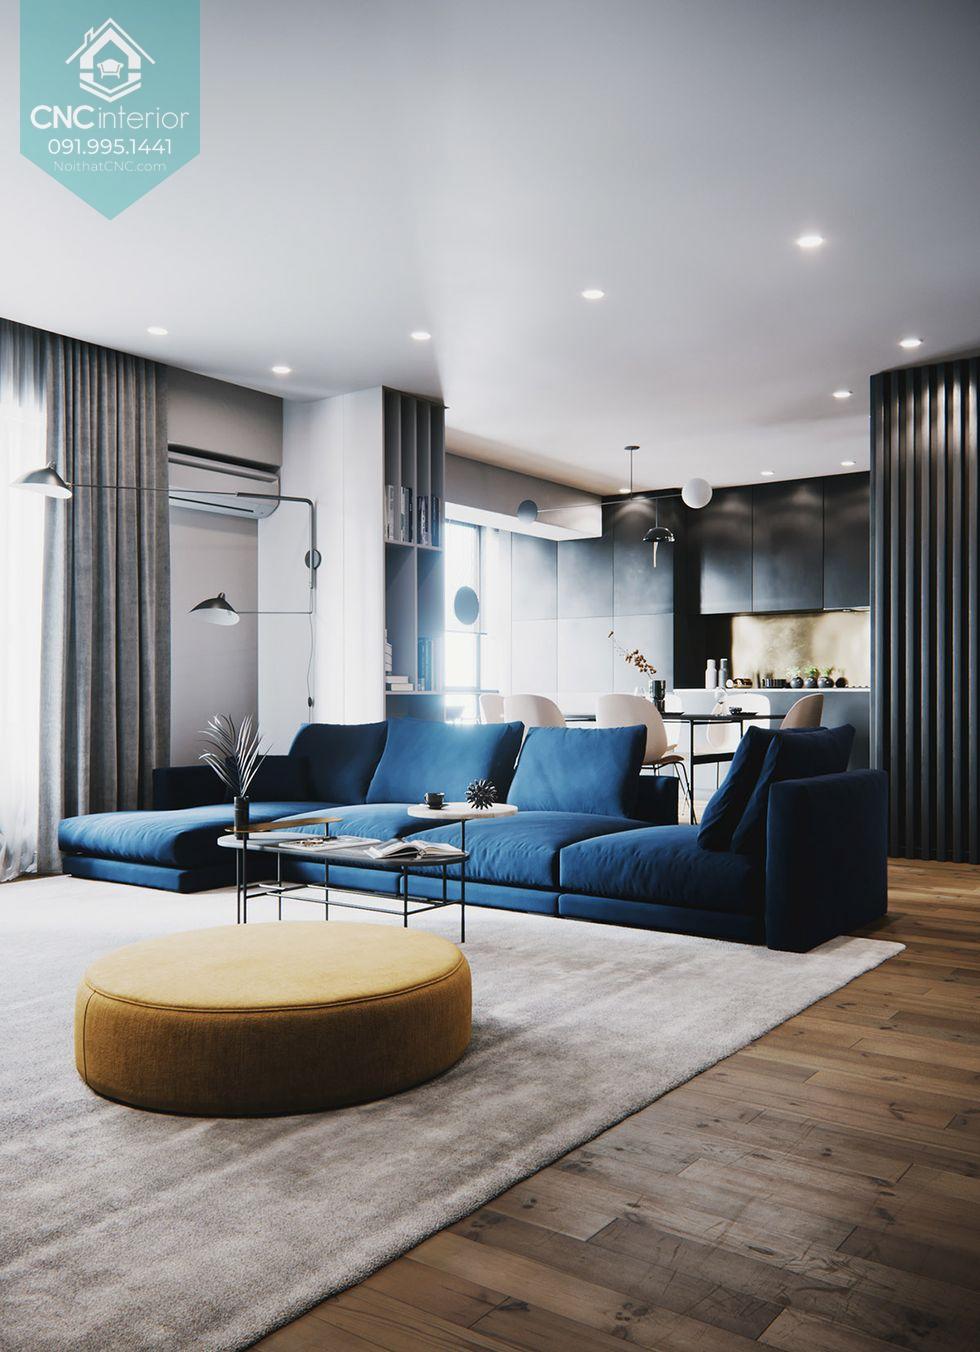 thiết kế căn hộ 100m2 3 phòng ngủ 4